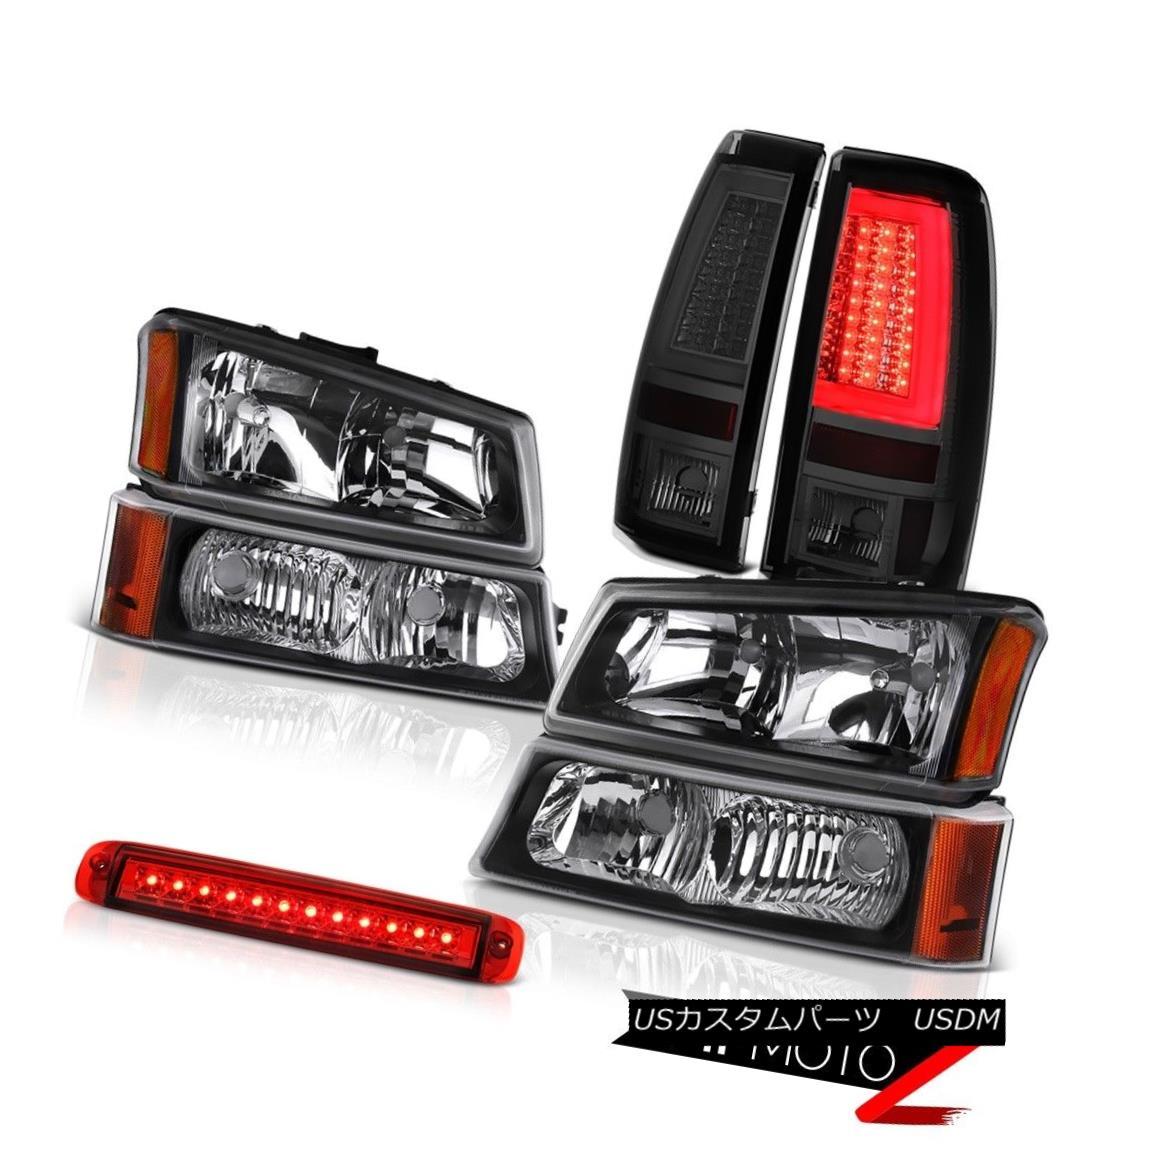 ヘッドライト 03-06 Silverado 1500 Taillamps Red Third Brake Lamp Headlamps Oe Style Assembly 03-06 Silverado 1500 Taillampsレッド第3ブレーキランプヘッドランプOeスタイルアセンブリ